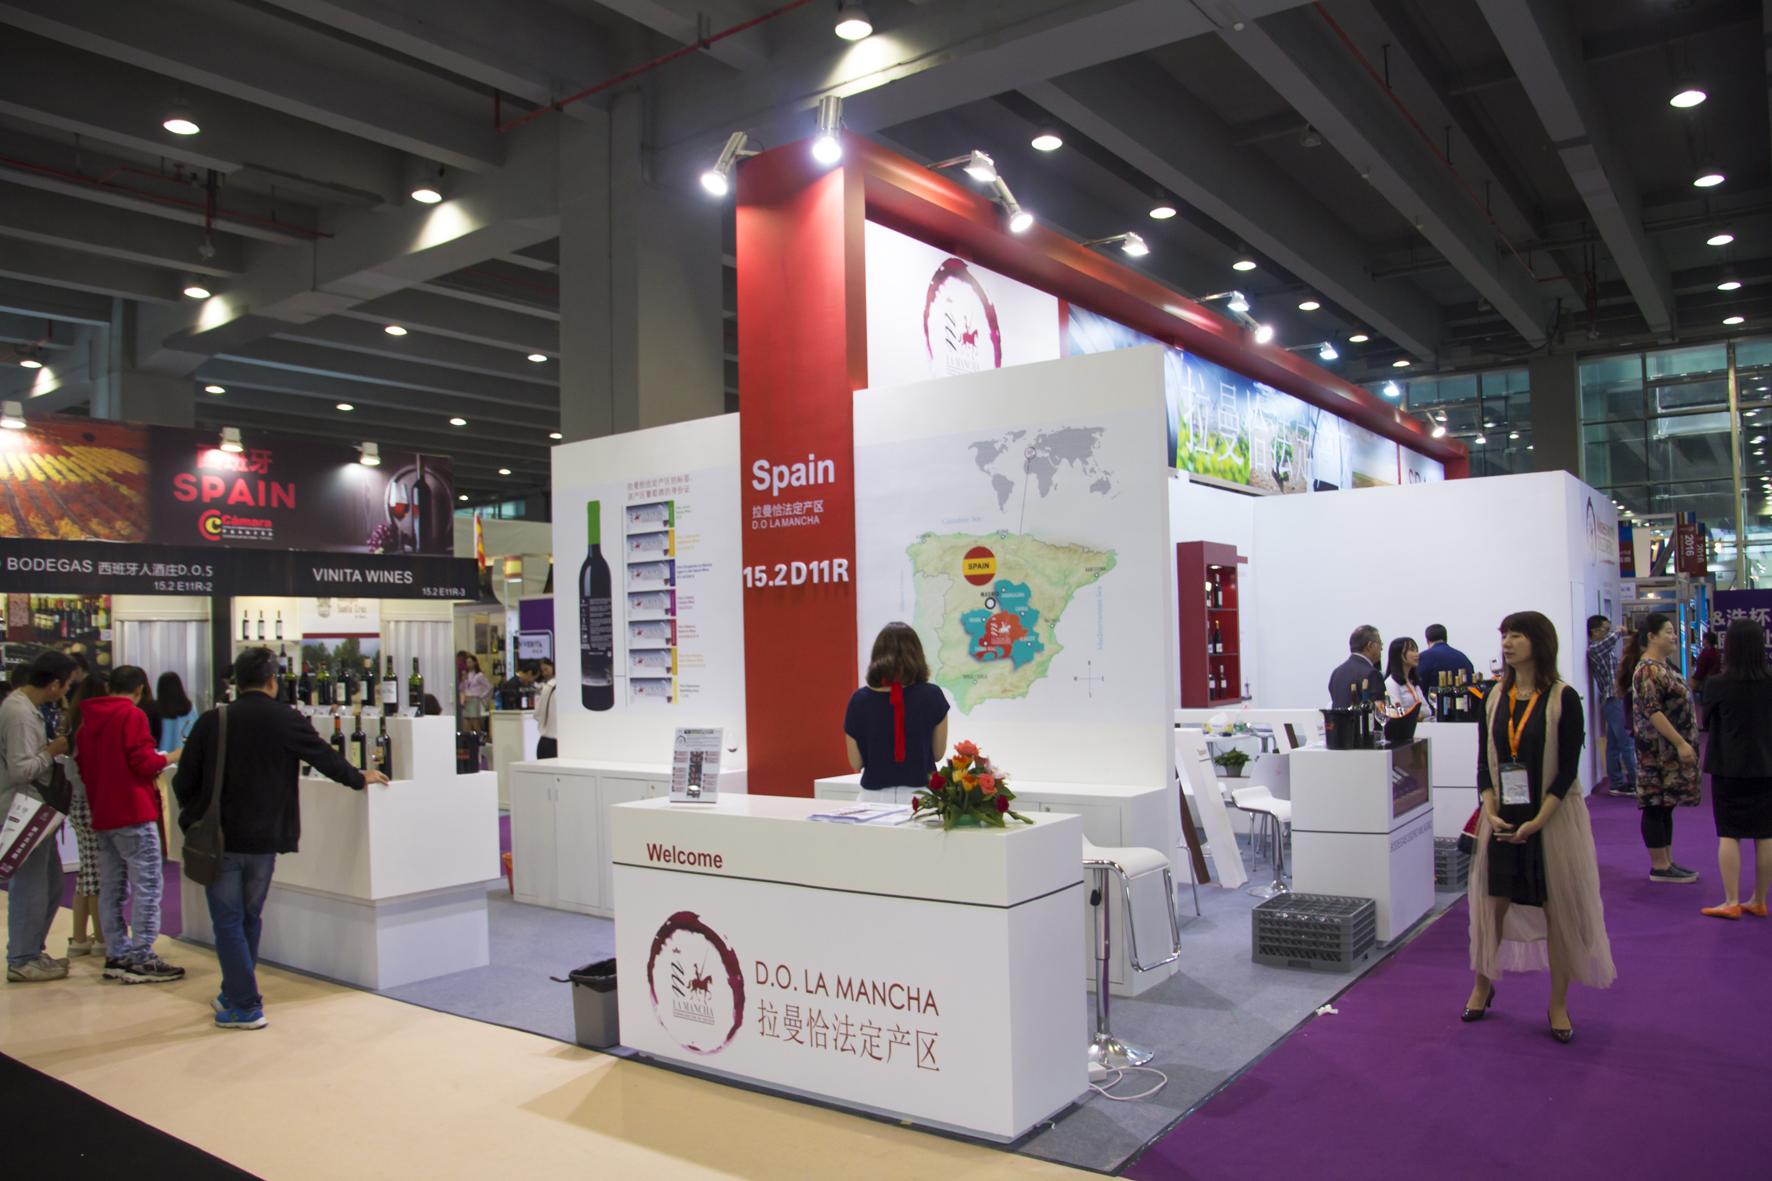 Los vinos DO La Mancha consolidan su posición en el mercado chino